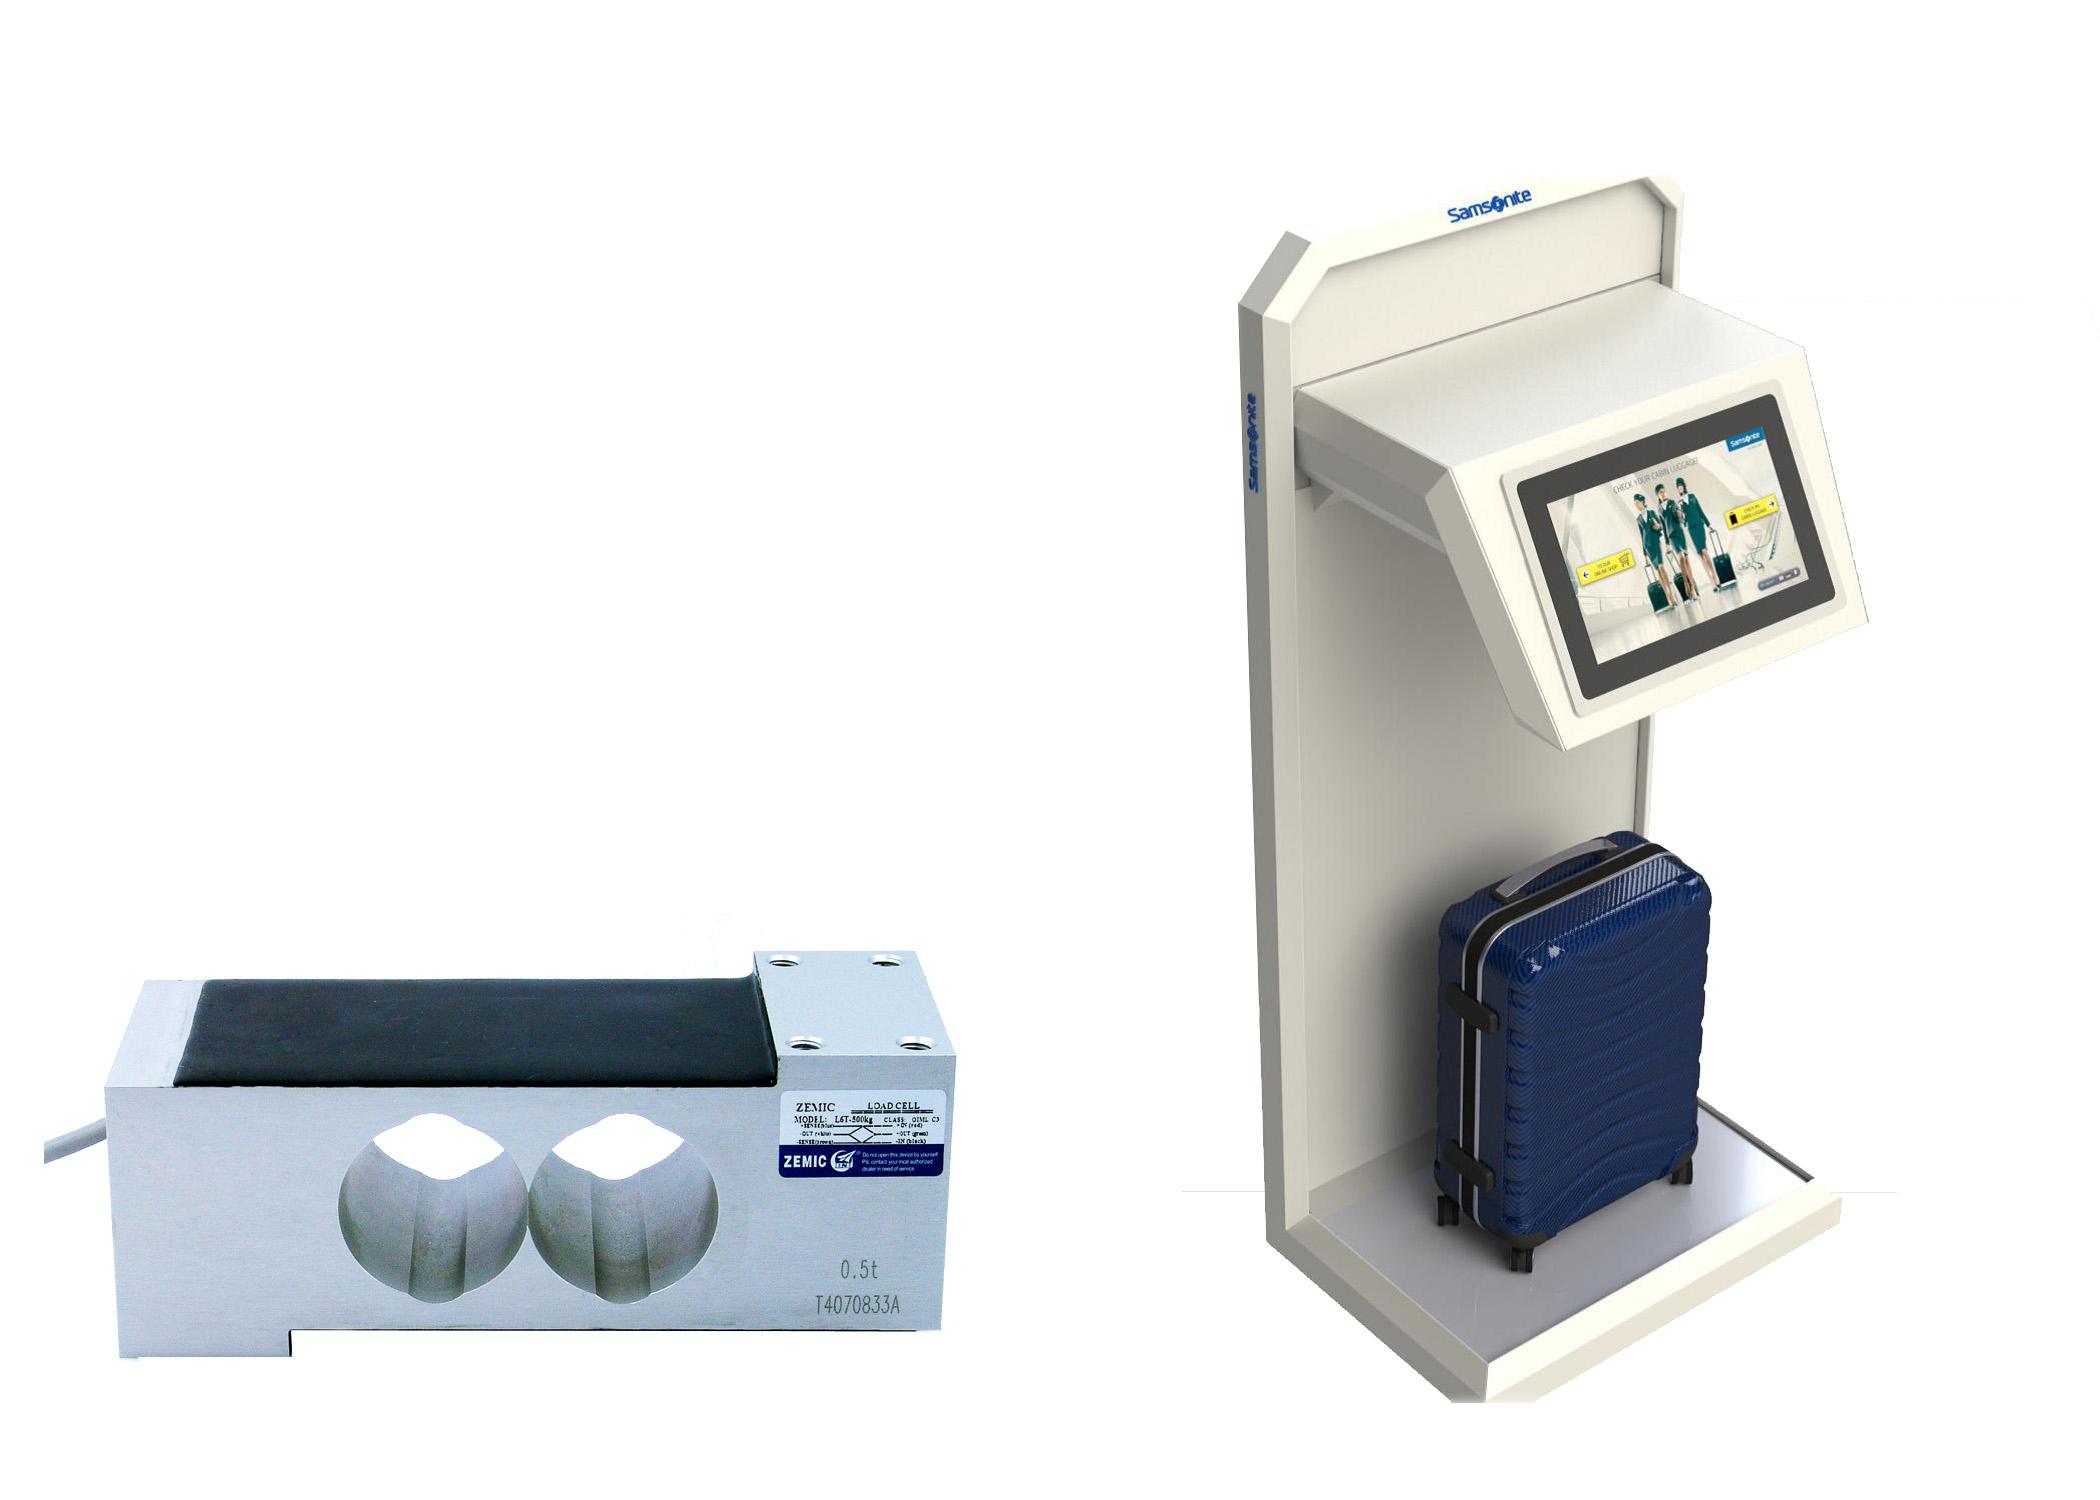 Baggage weighing machine